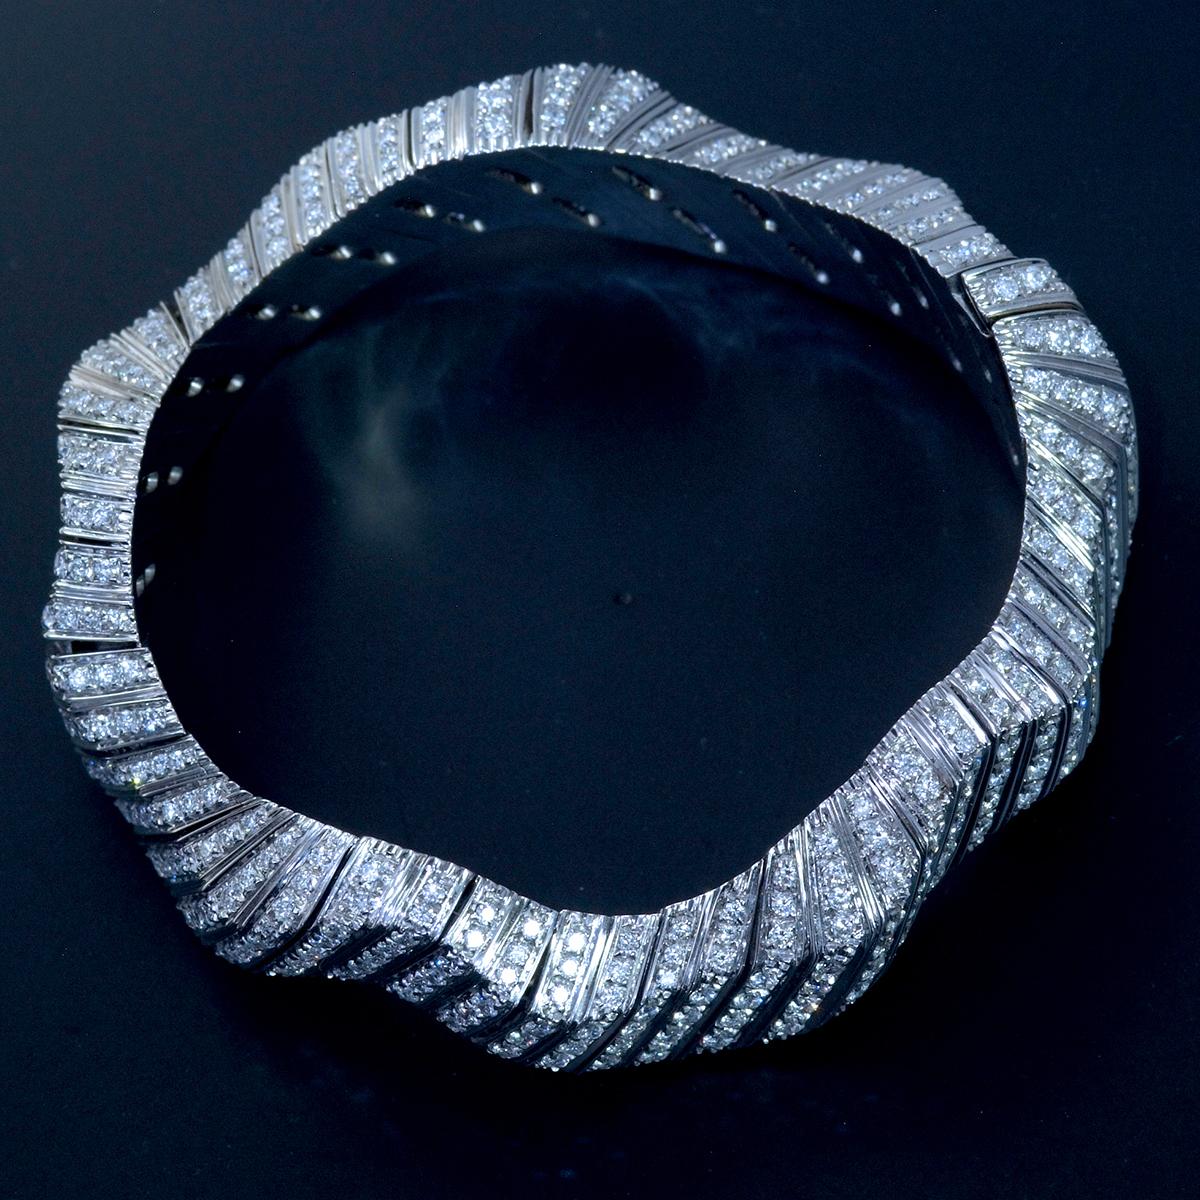 E9797 天然雲上ダイヤモンド7.84ct 最高級18金WG無垢セレブリティビッグバングル 腕周り16.5cm 重量81.94g 幅30.5mm_画像3